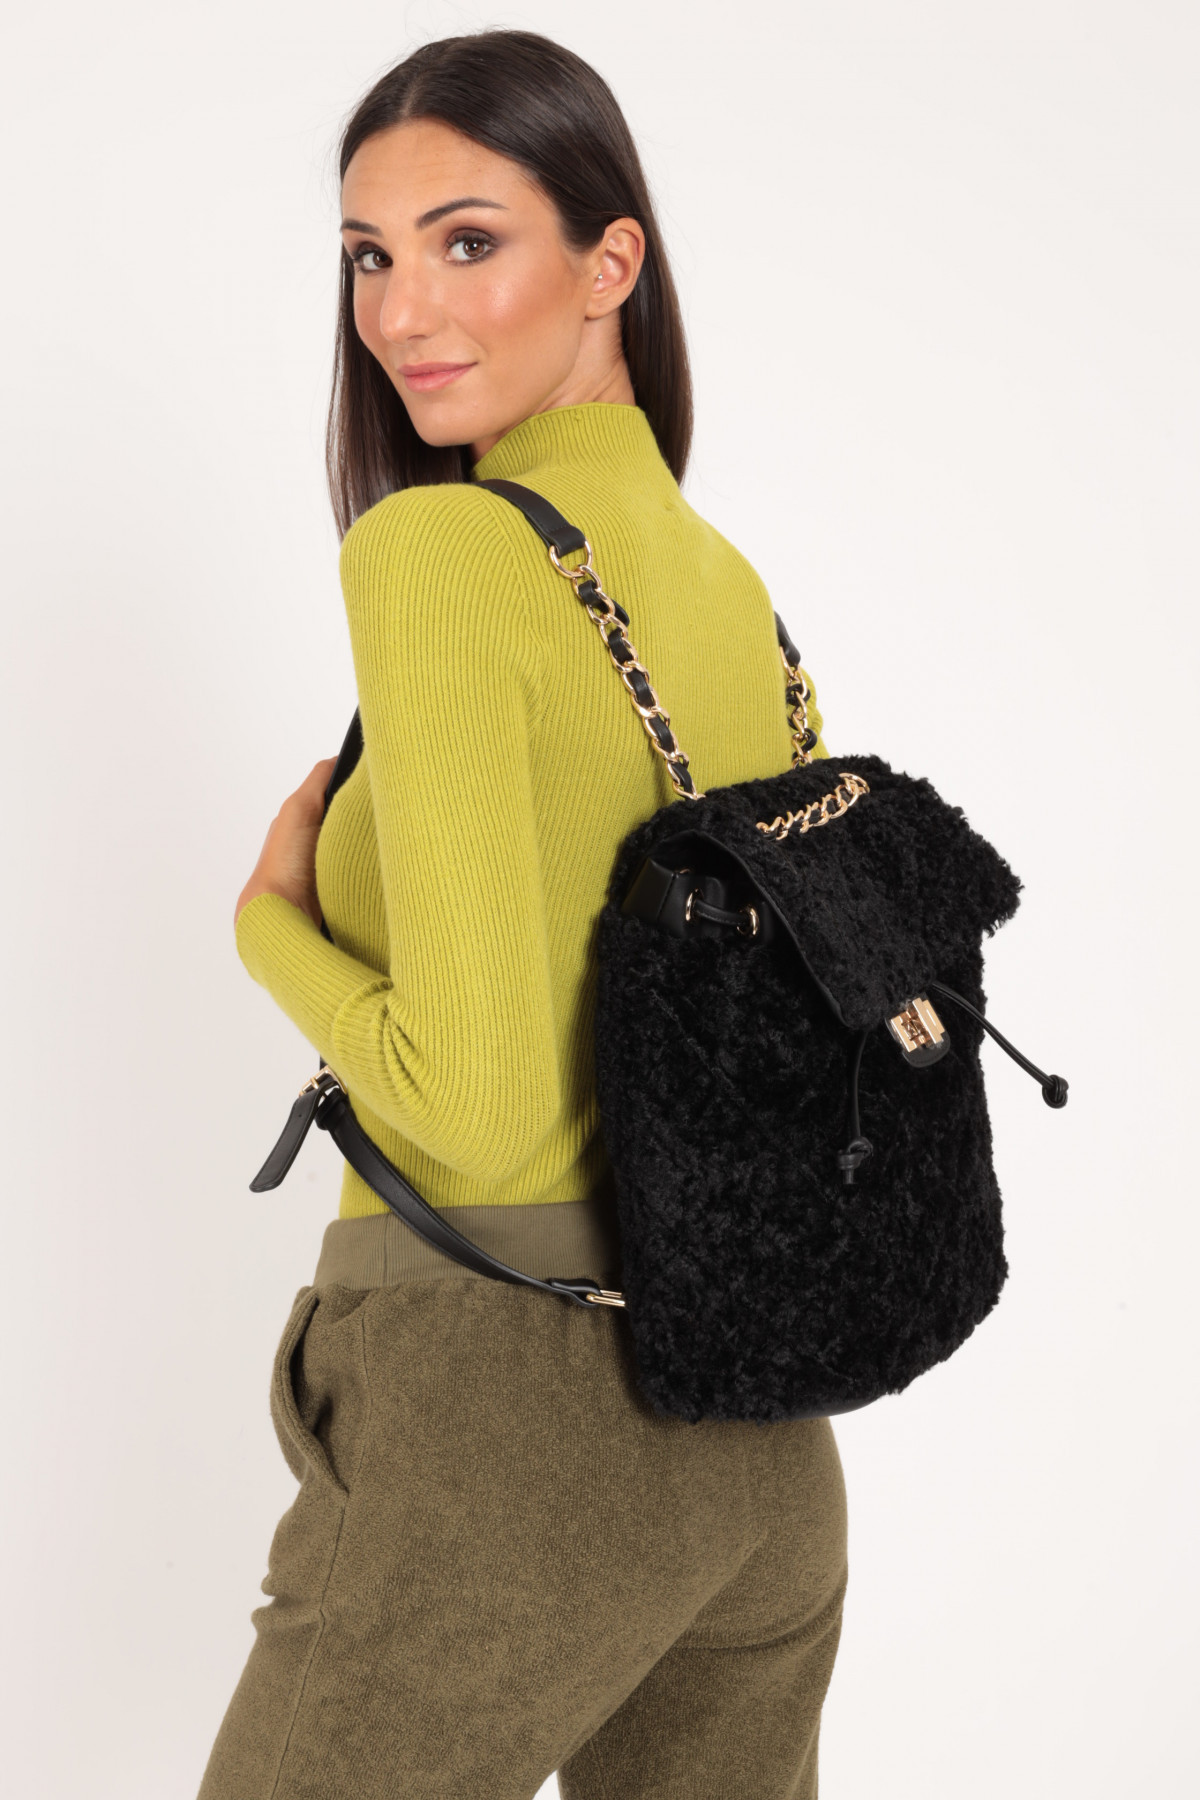 Ecofur backpack